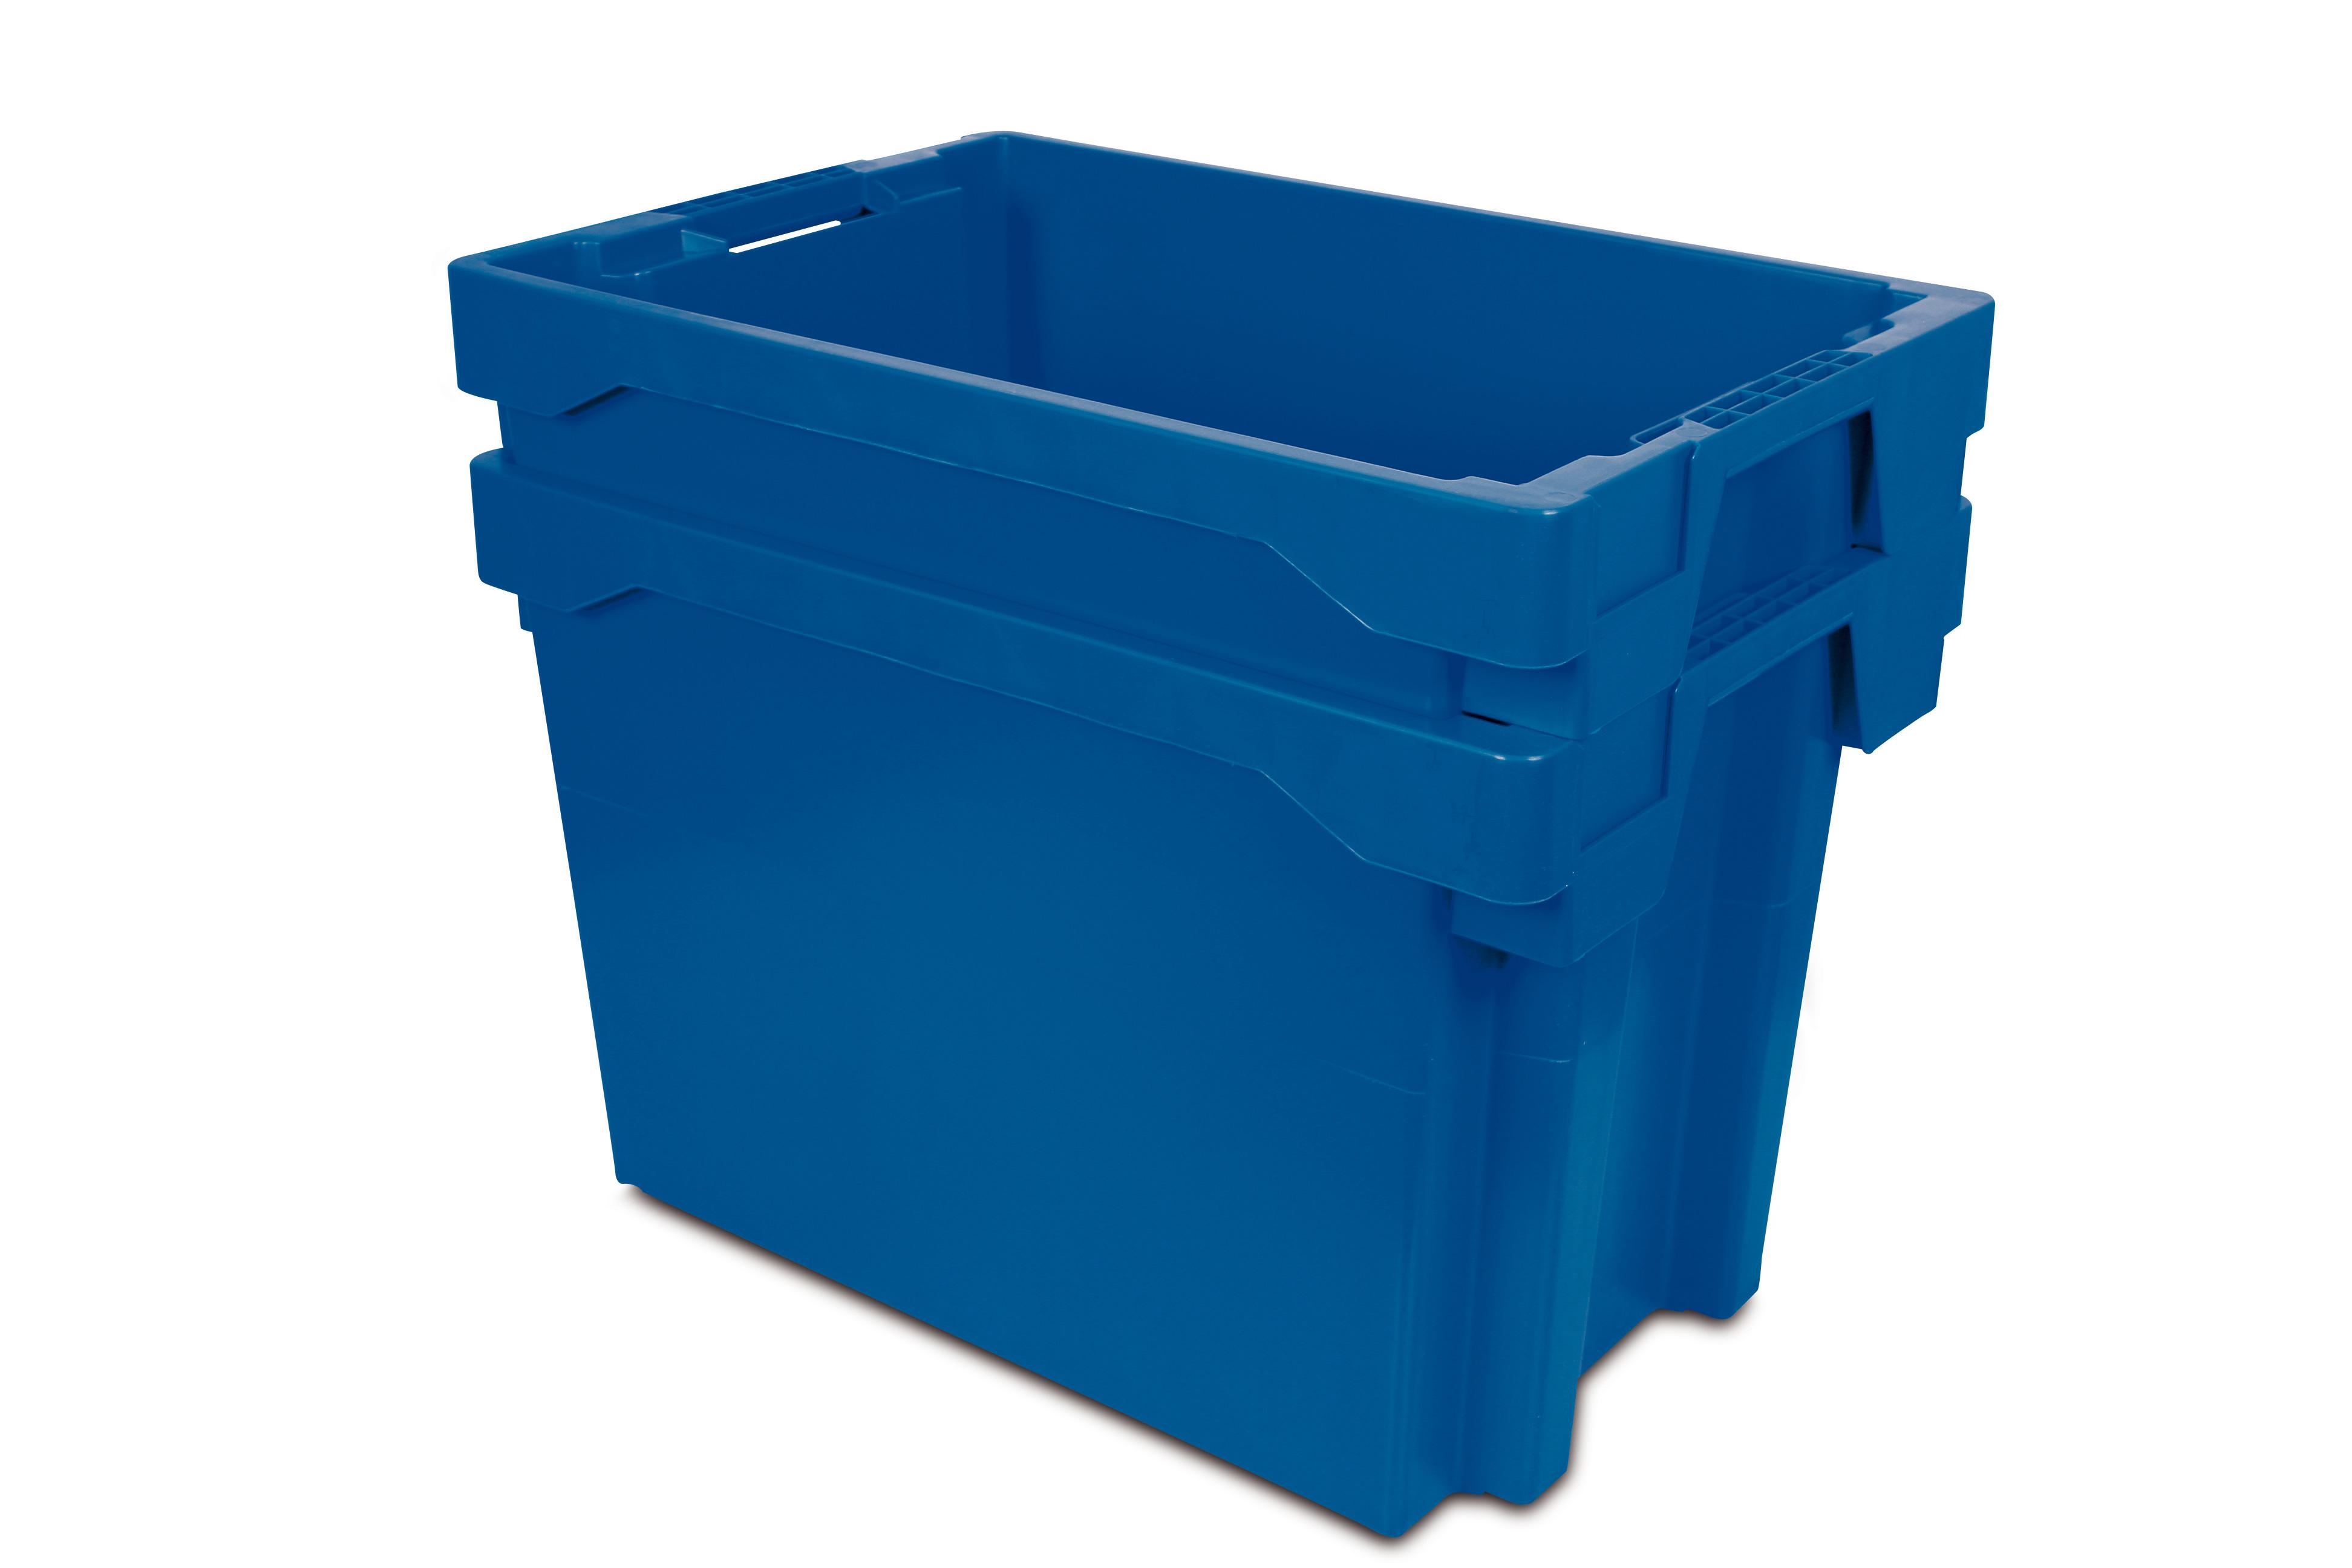 1 euro cajas para almacen y tranporte - Cajas de almacenaje | Cajas apilables | Cajas de plástico